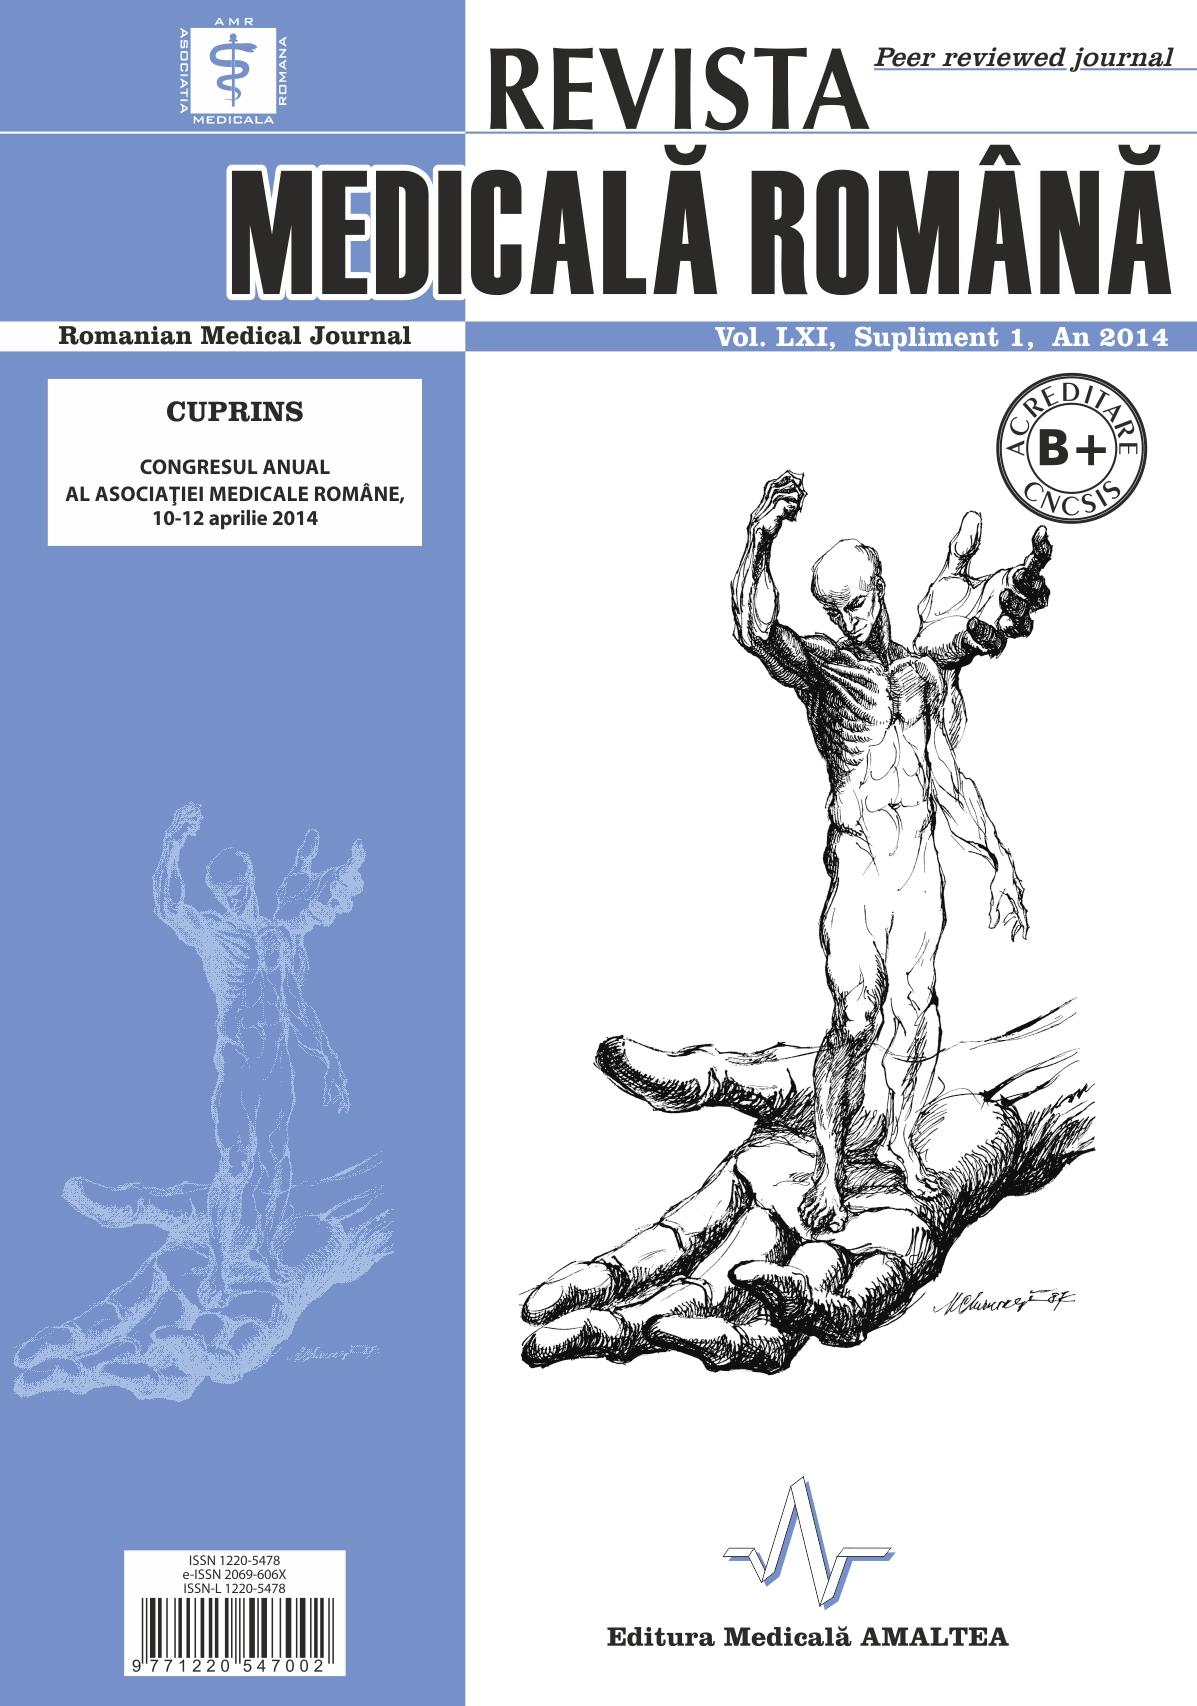 REVISTA MEDICALA ROMANA - Romanian Medical Journal, Vol. LXI, Supliment, An 2014